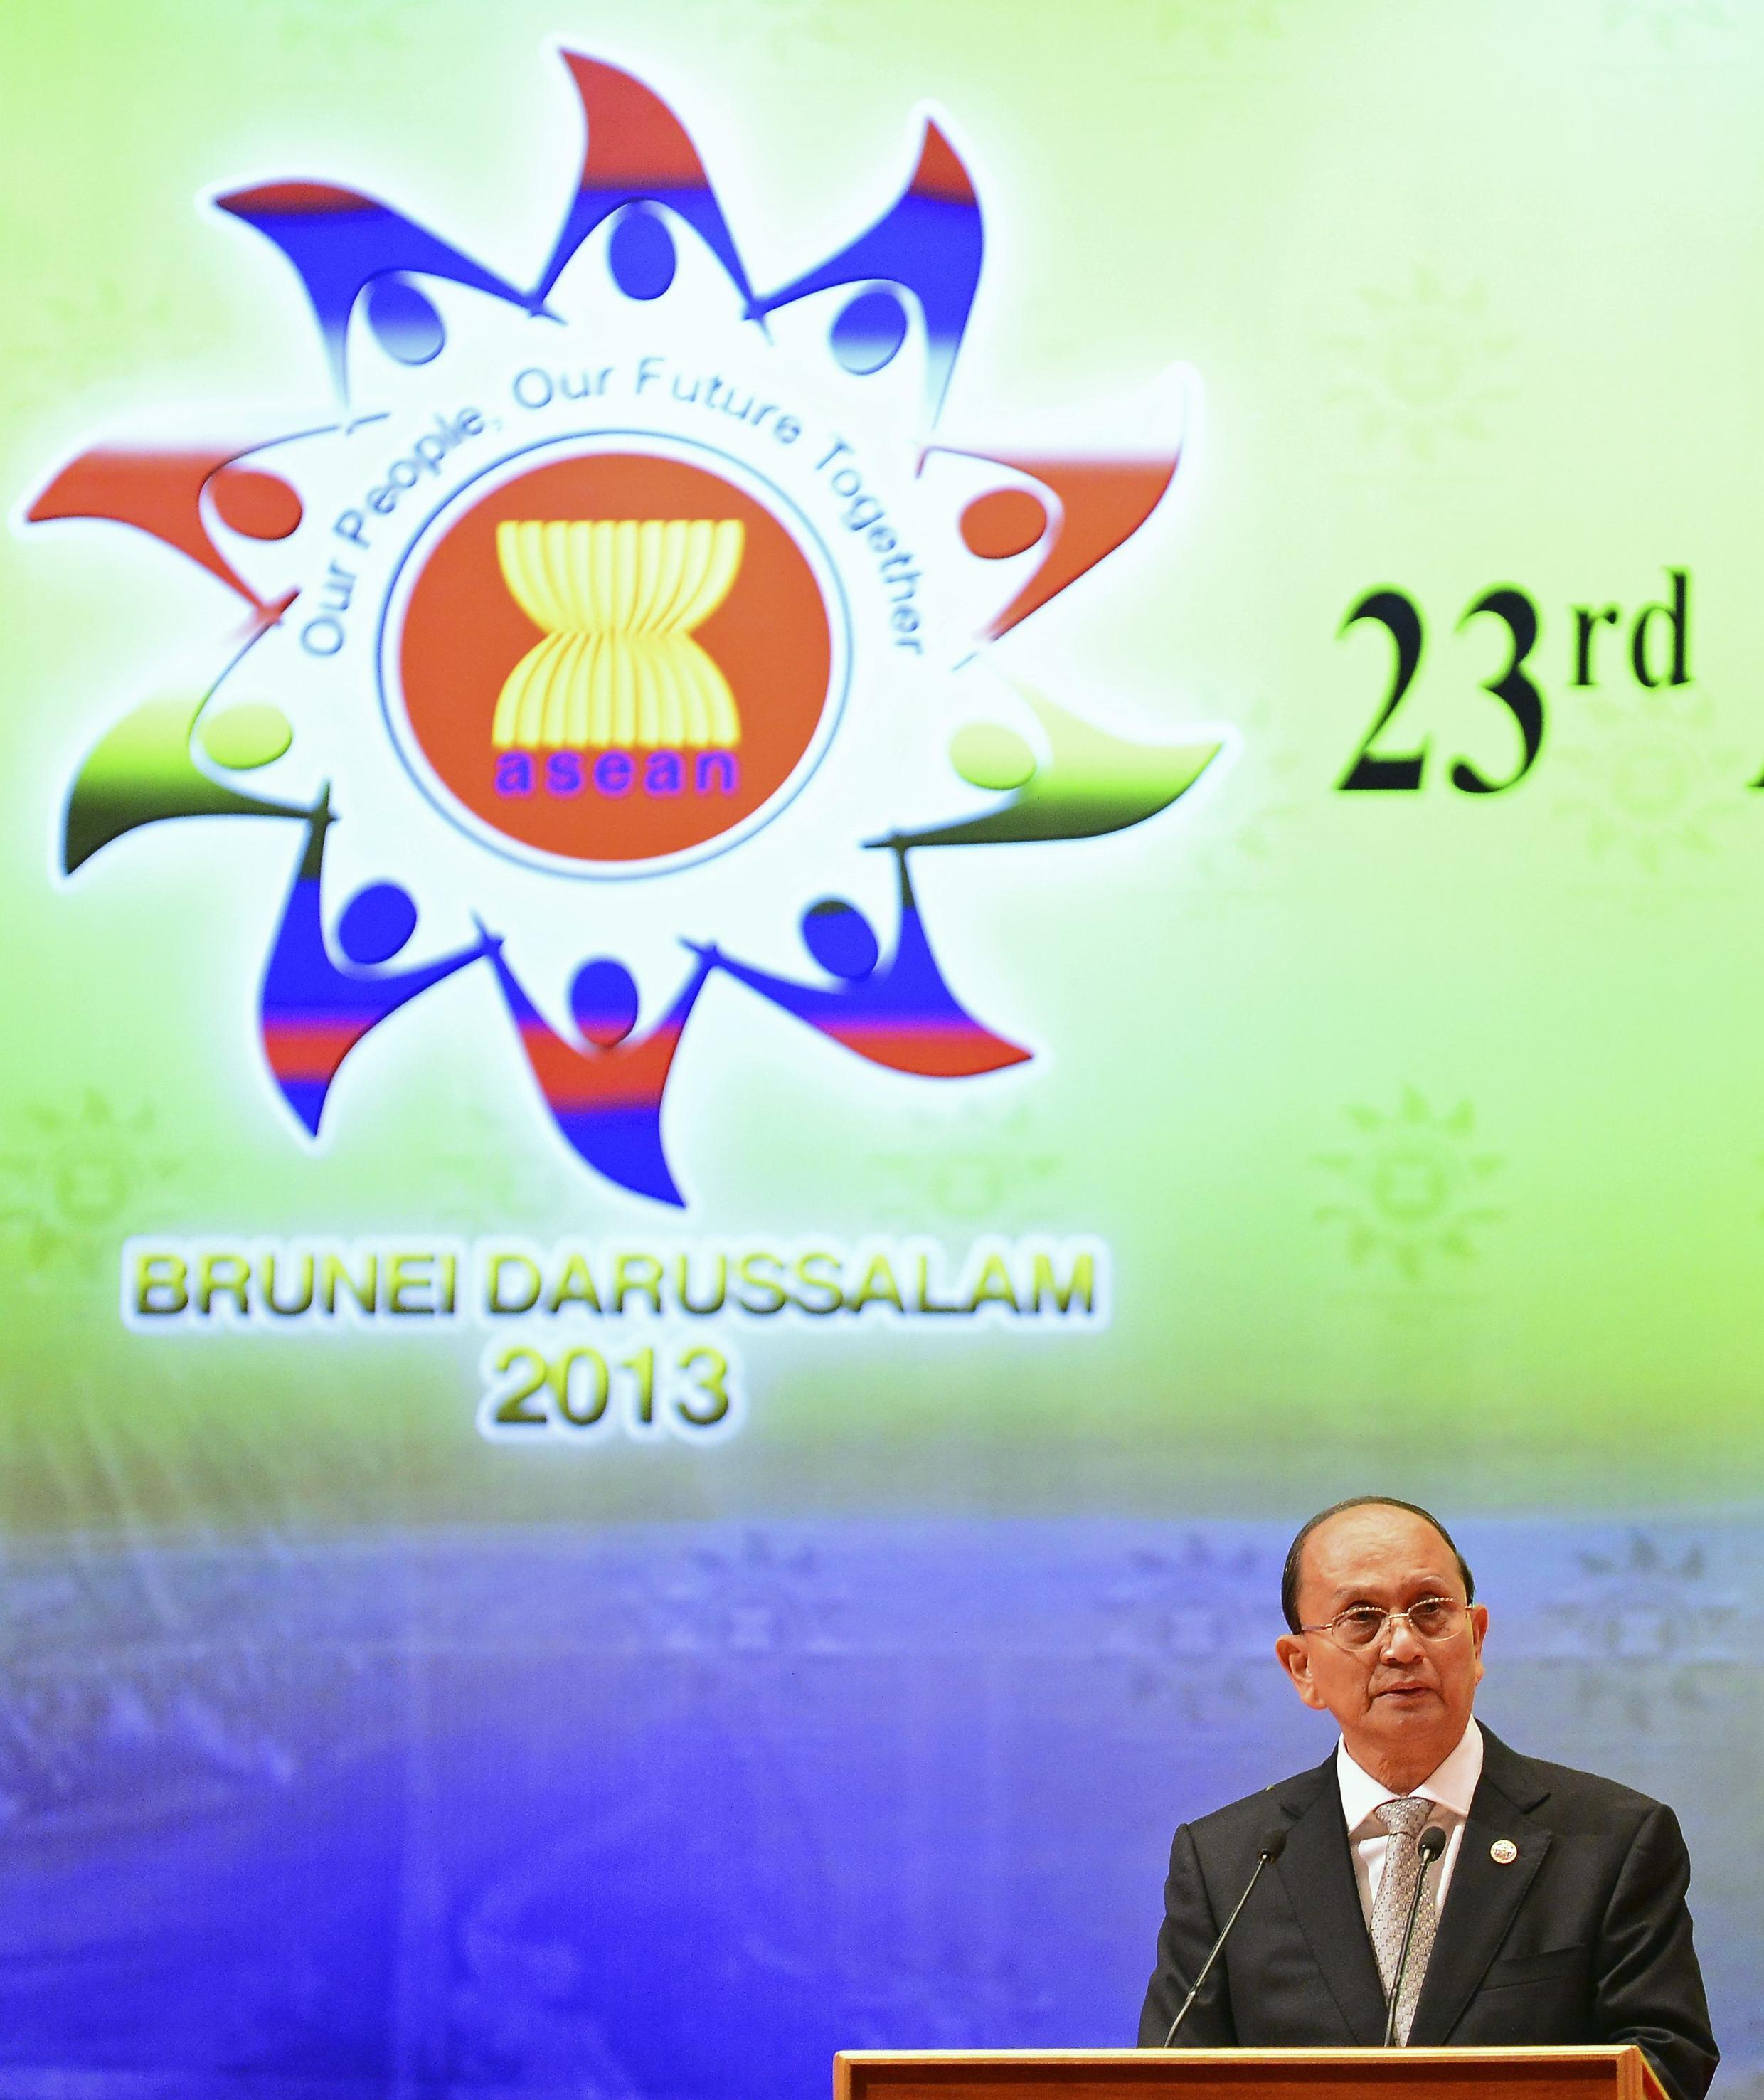 Tổng thống Miến Điện Thein Sein phát biểu trong lễ bế mạc Thượng đỉnh ASEAN lần thứ 23, Brunei, 10/10/2013